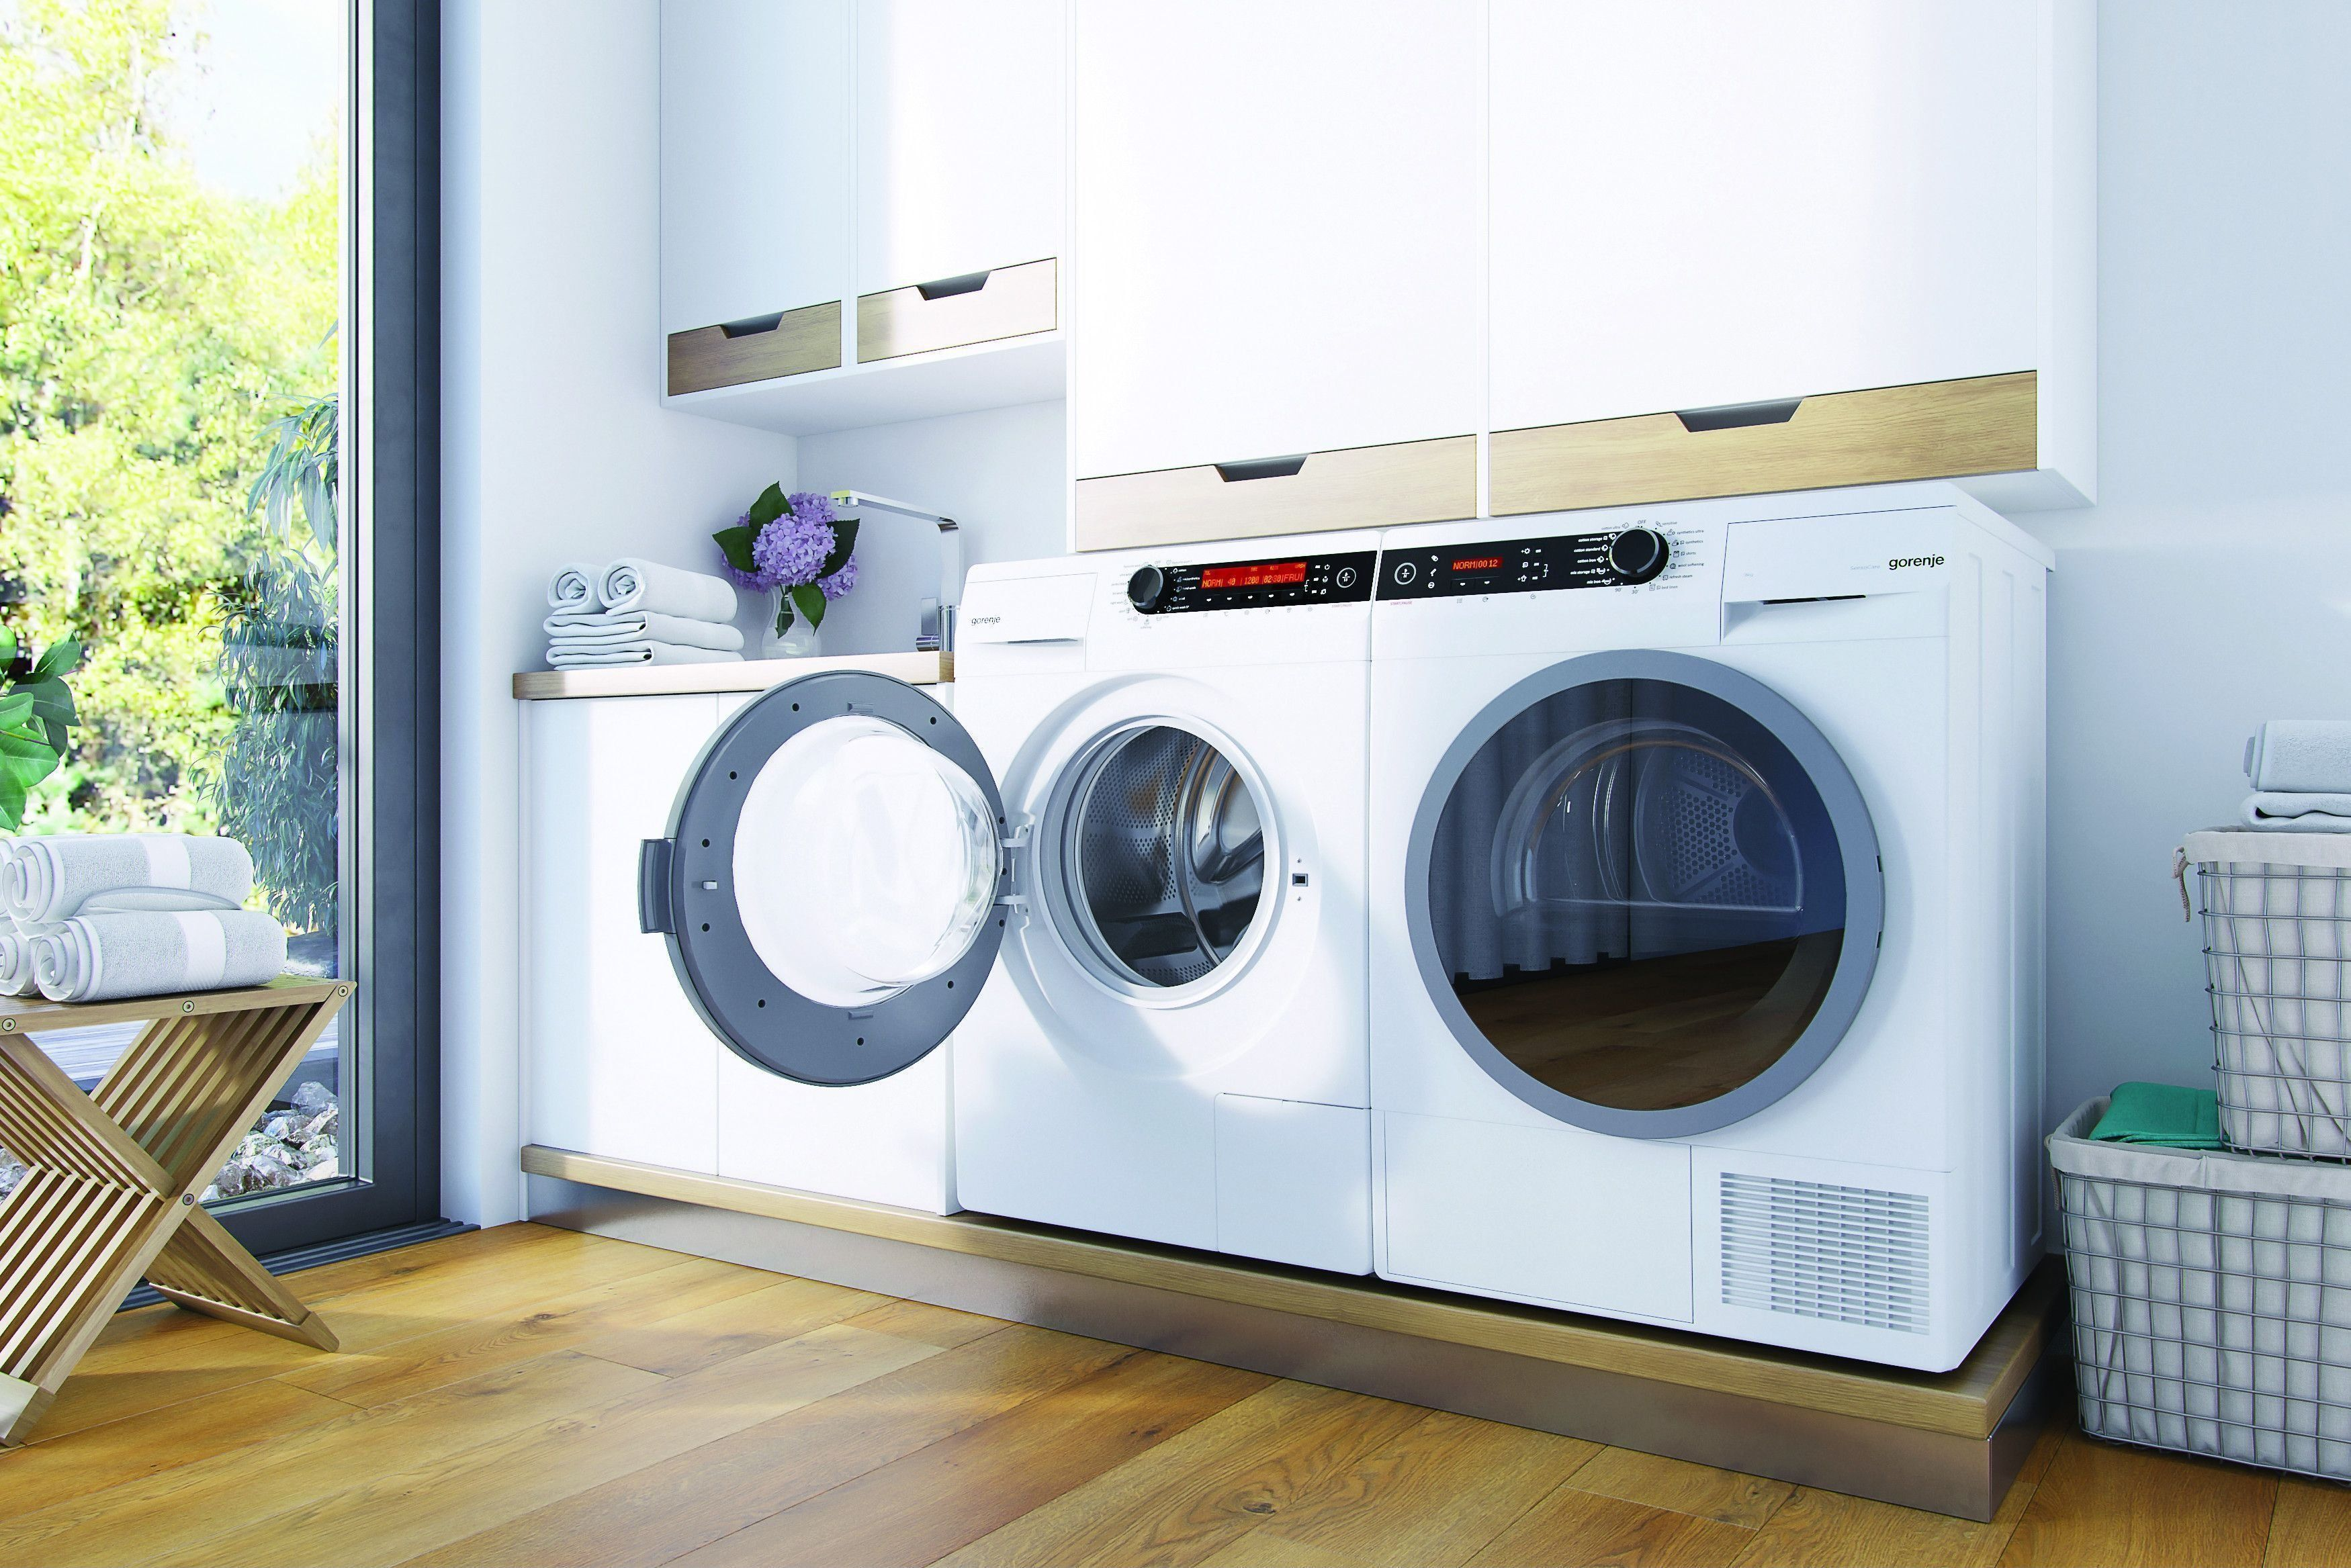 Рейтинг лучших стиральных машин Gorenje в 2020 году